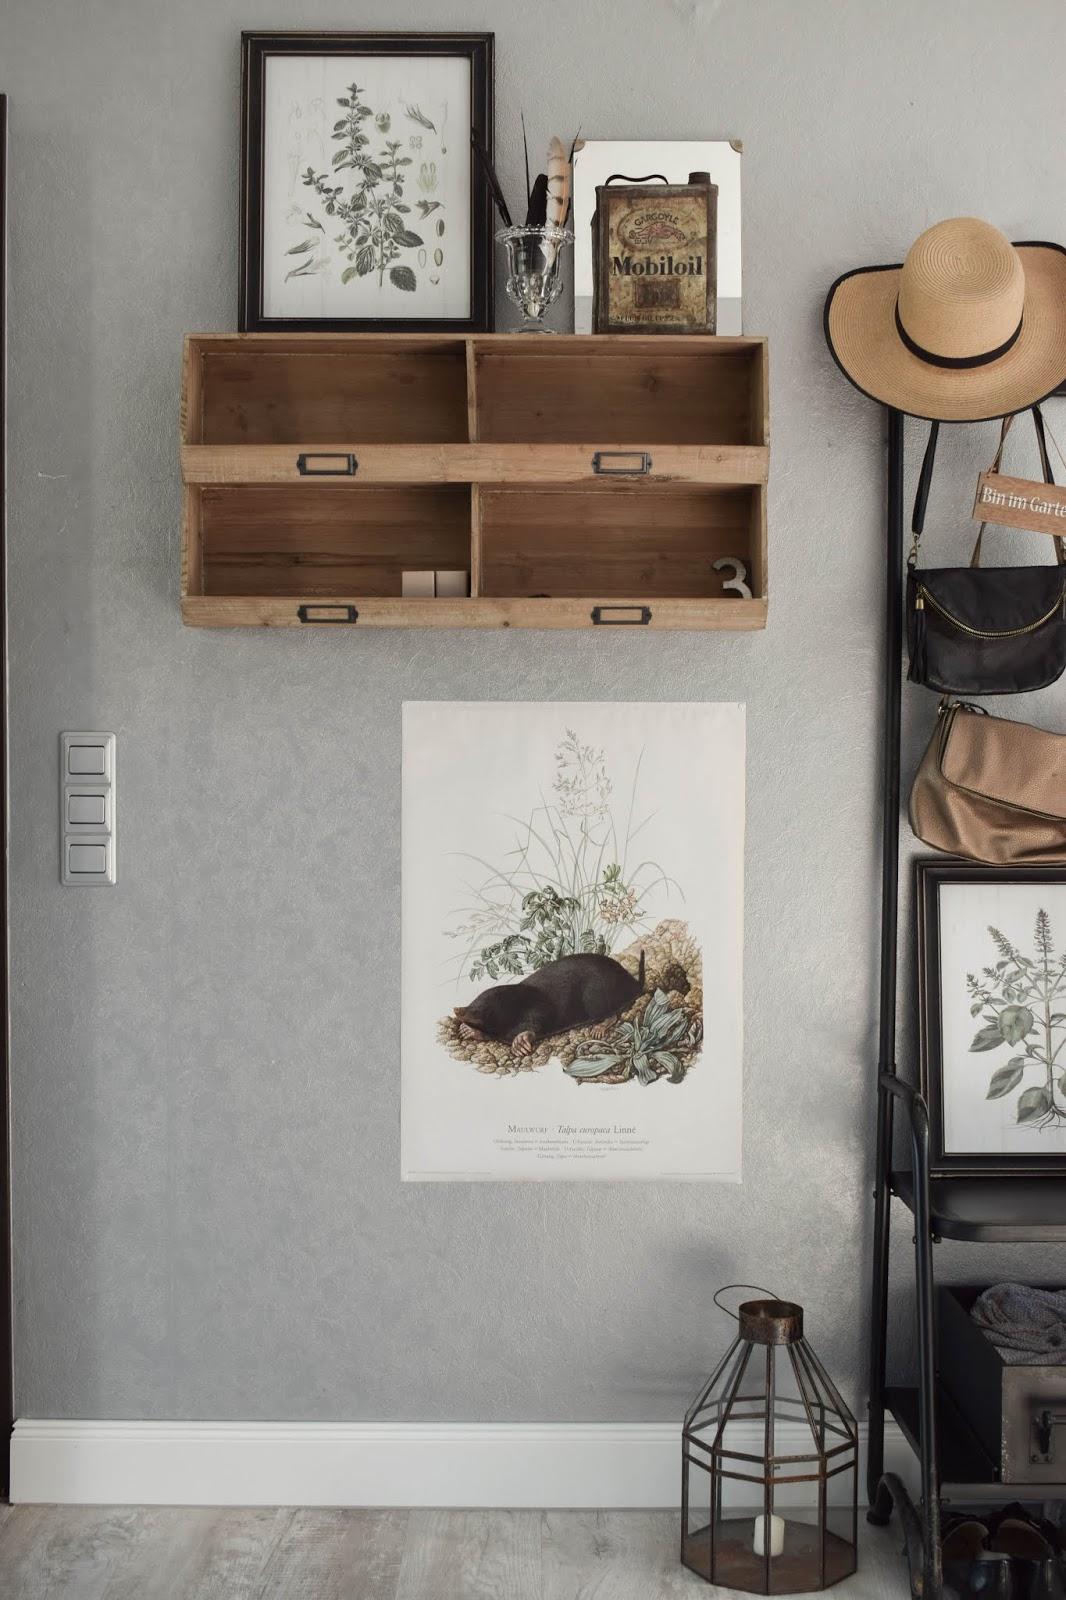 Garderobe Diele Flur Eingangsbereich Deko Dekoidee Interior Einrichtung botanisch 8